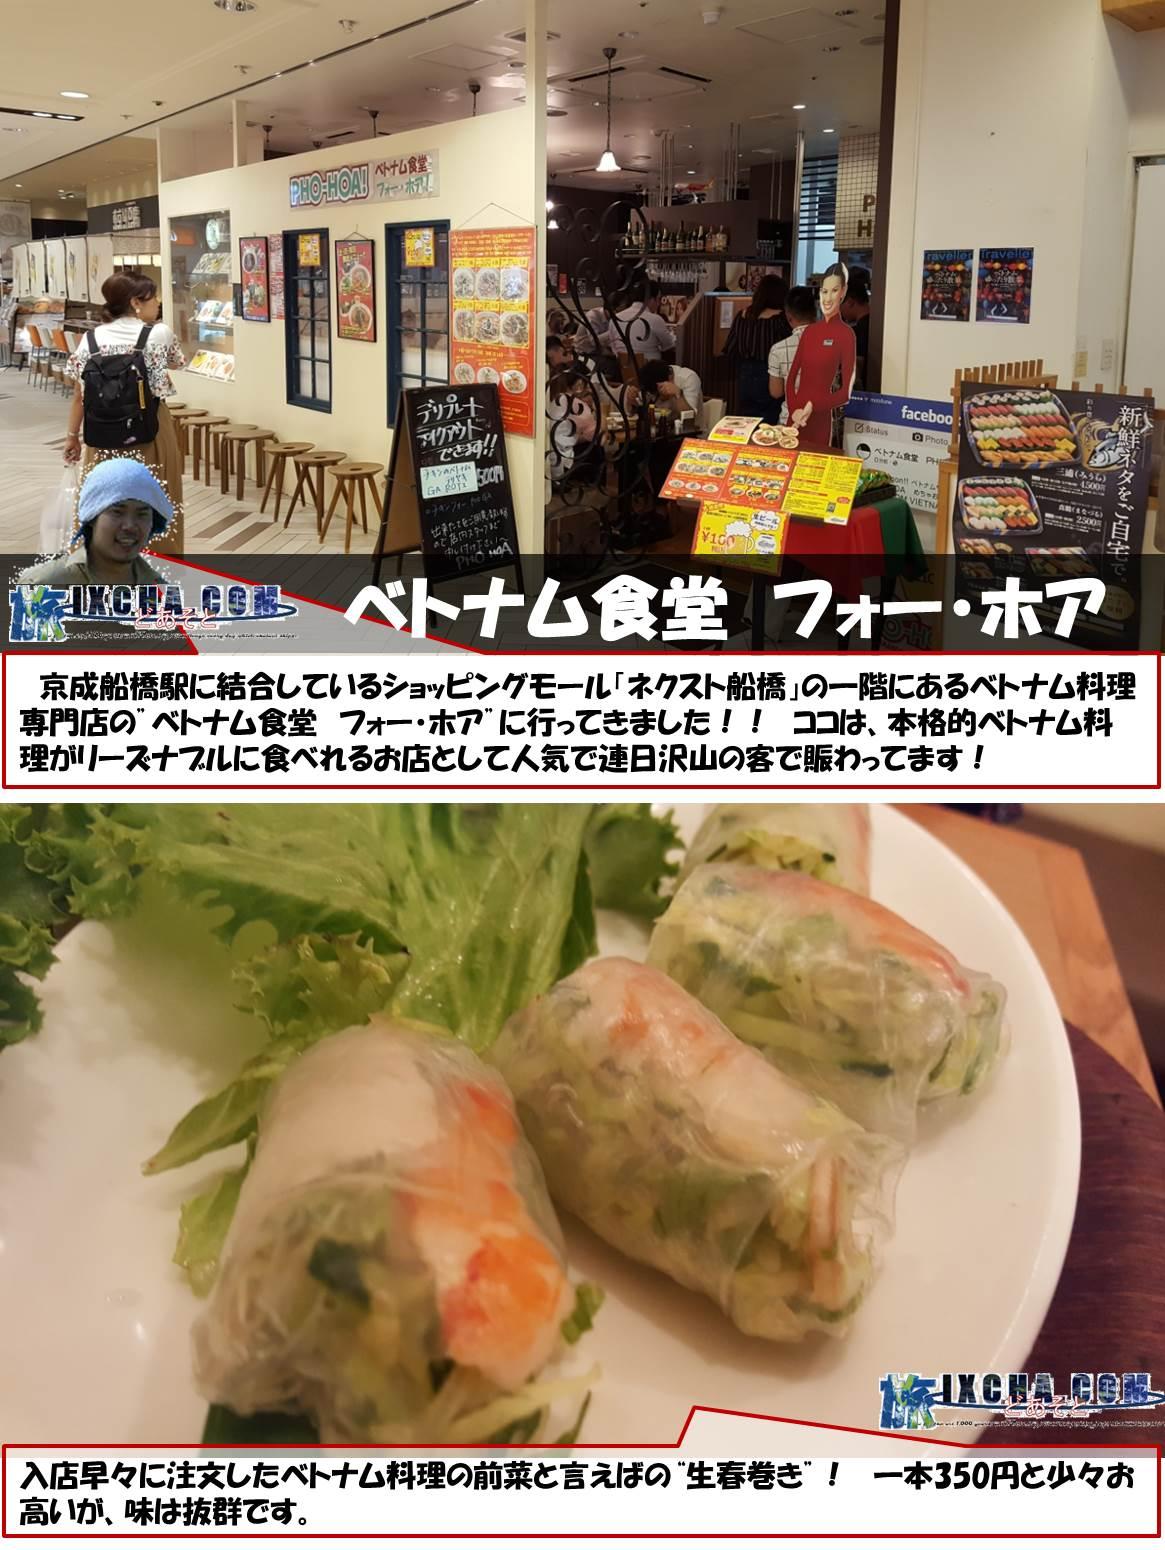 """ベトナム食堂 フォー・ホア 京成船橋駅に結合しているショッピングモール「ネクスト船橋」の一階にあるベトナム料理専門店の""""ベトナム食堂 フォー・ホア""""に行ってきました!! ココは、本格的ベトナム料理がリーズナブルに食べれるお店として人気で連日沢山の客で賑わってます! 入店早々に注文したベトナム料理の前菜と言えばの""""生春巻き""""! 一本350円と少々お高いが、味は抜群です。"""